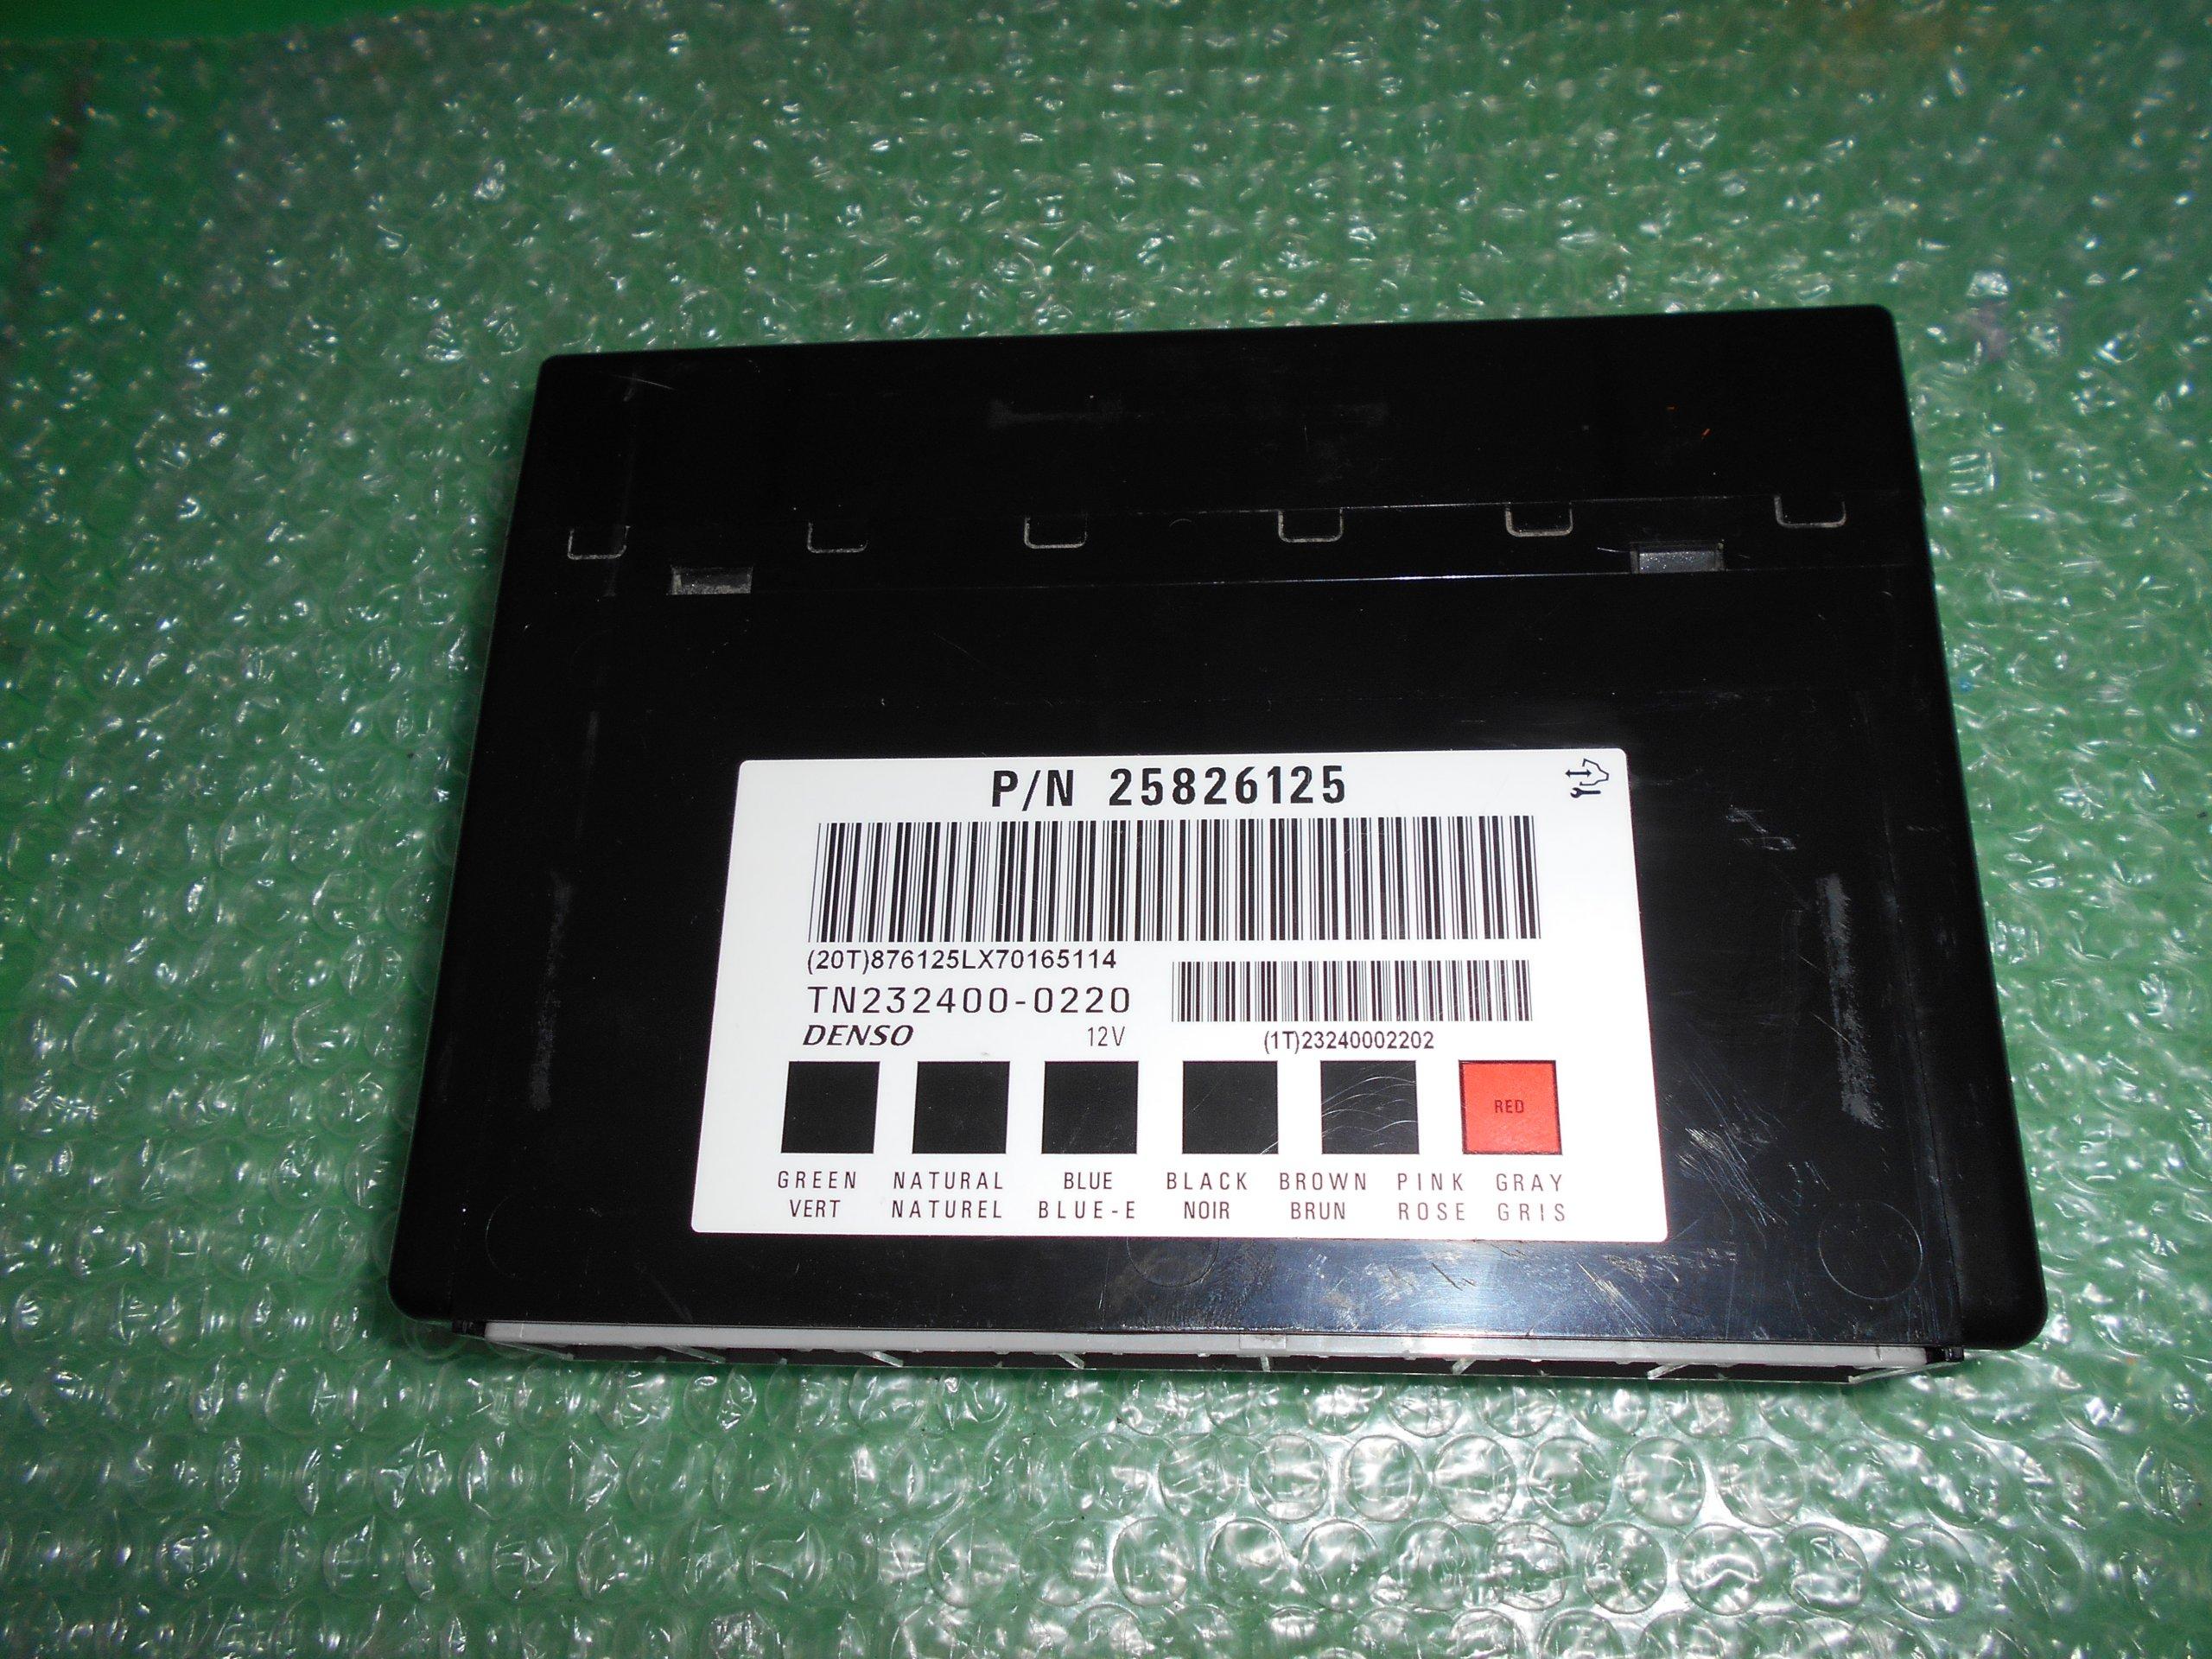 MODULO DE CONFORT BSI 25826125 – DENSO TN232400-0220 CHEVROLET CAPTIVA (2006-2012)